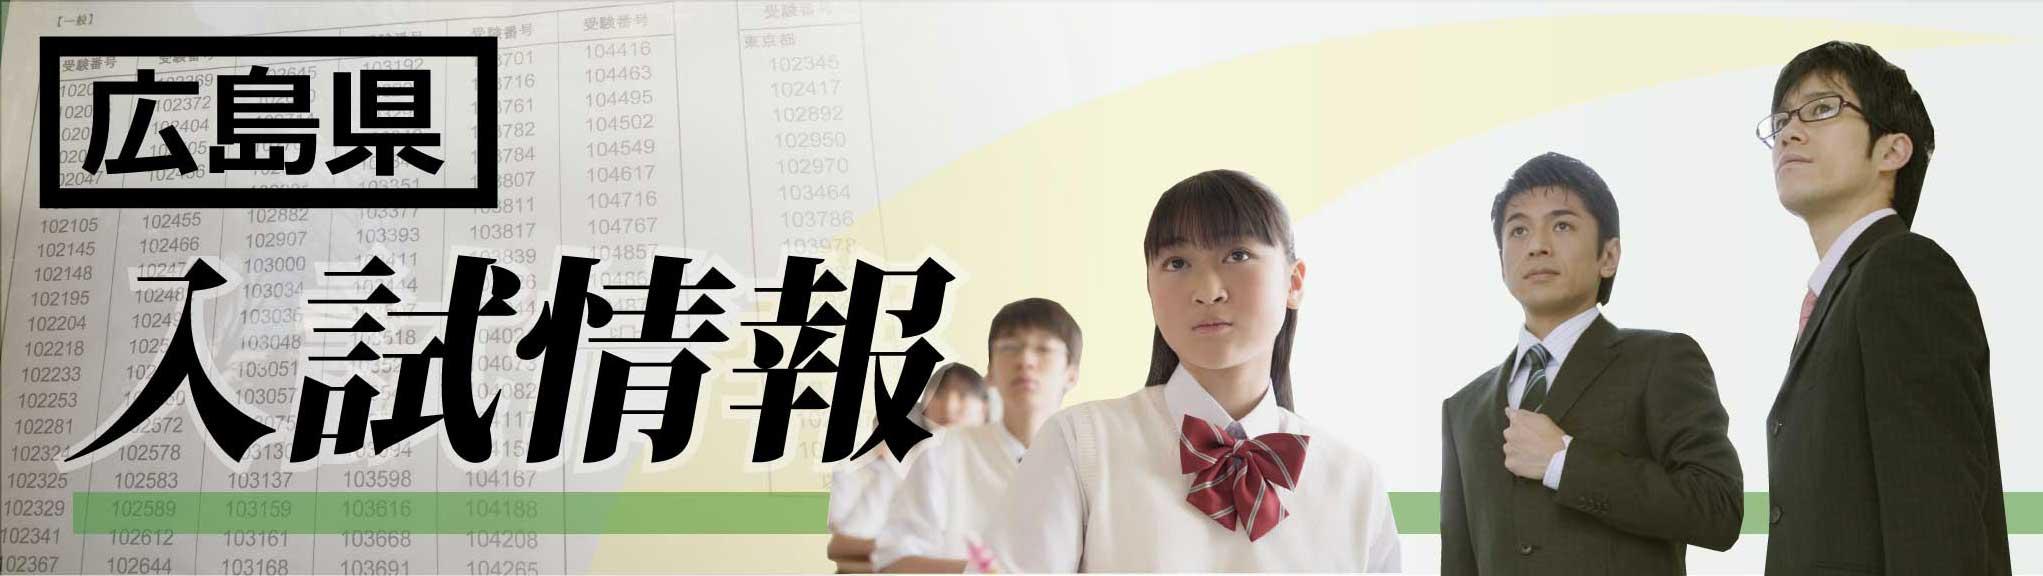 値 豊田 高専 偏差